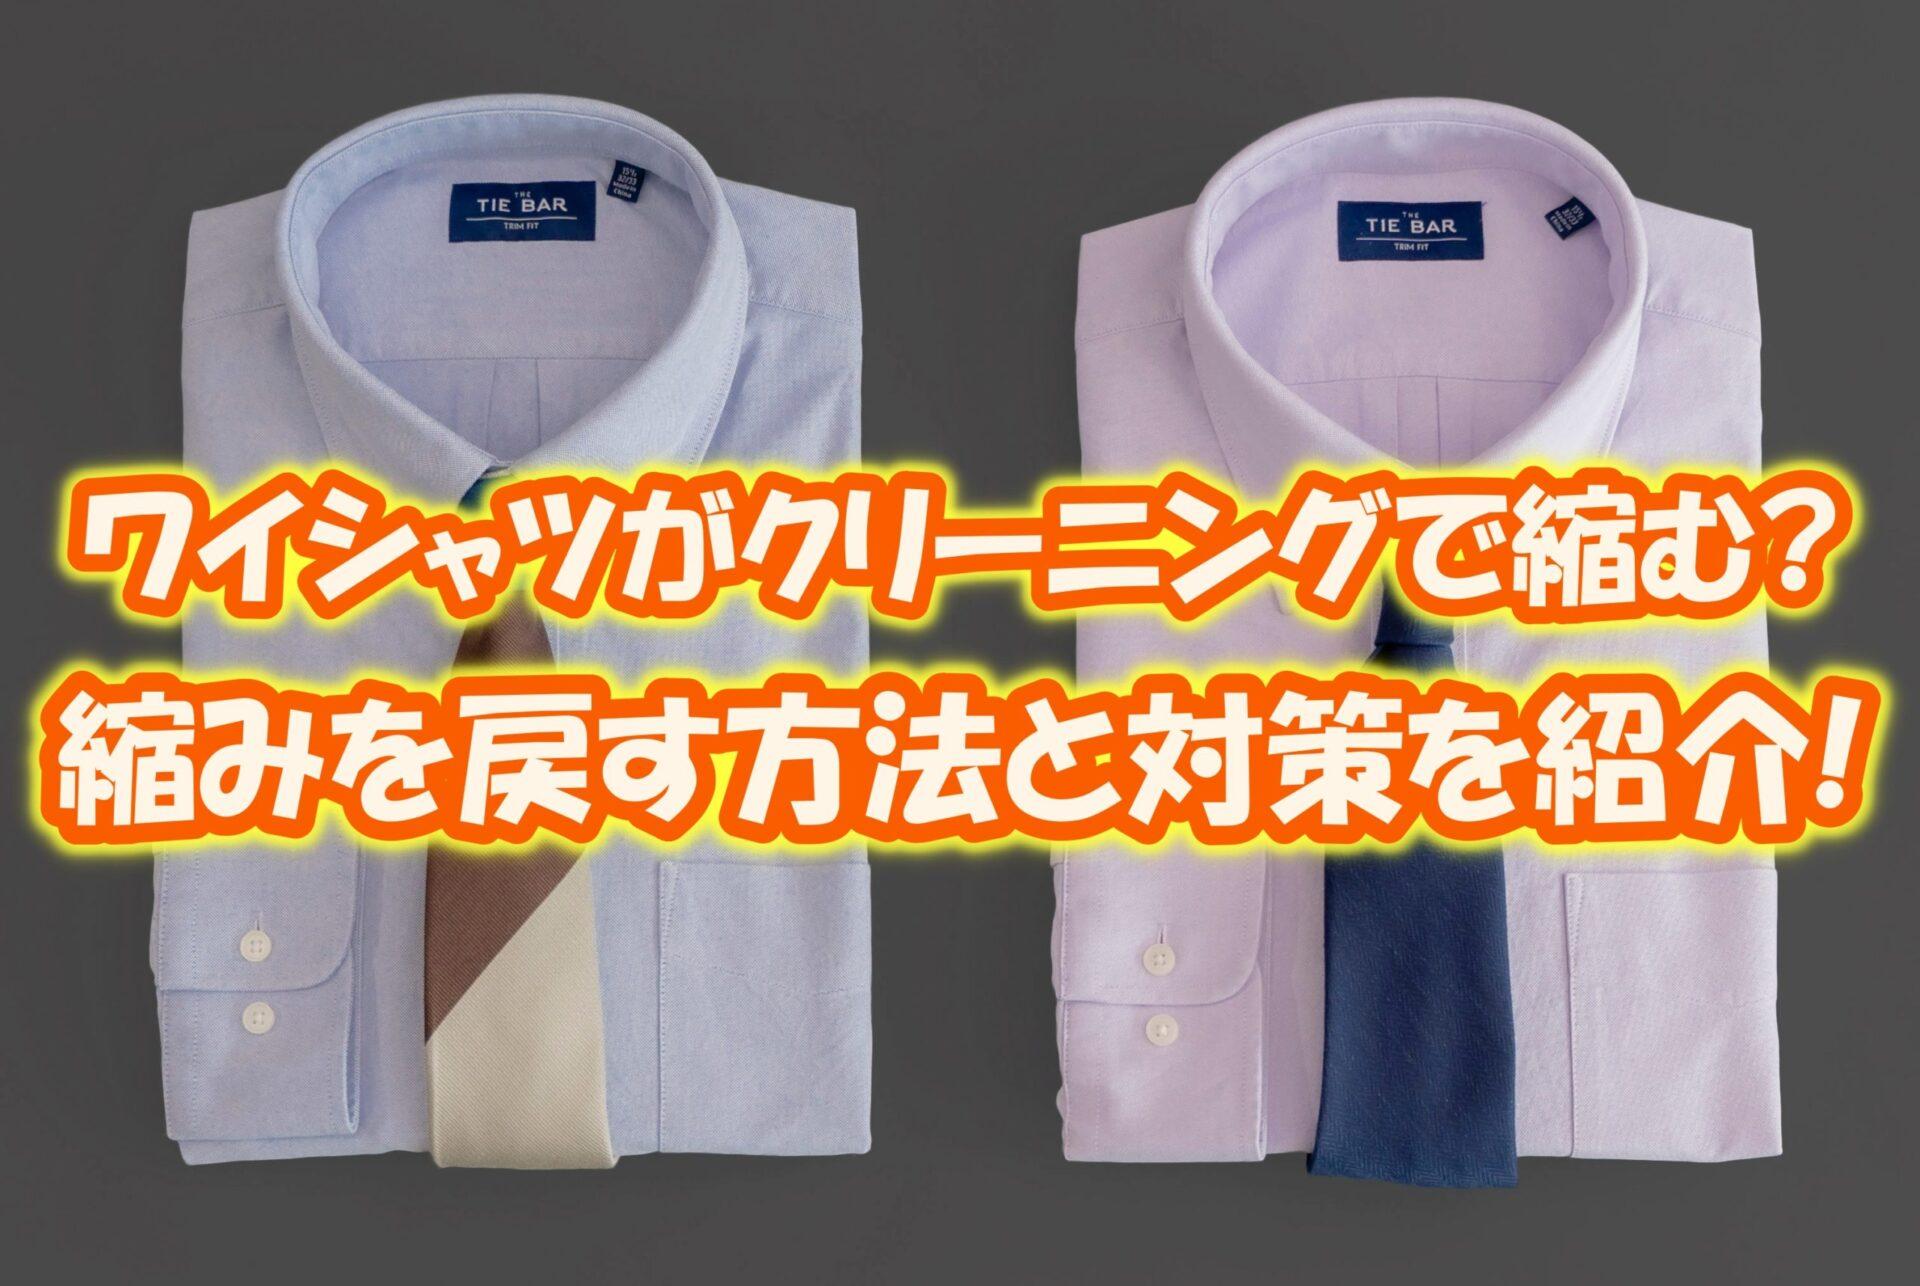 ワイシャツがクリーニングで縮む?縮みを戻す方法と対策を紹介!